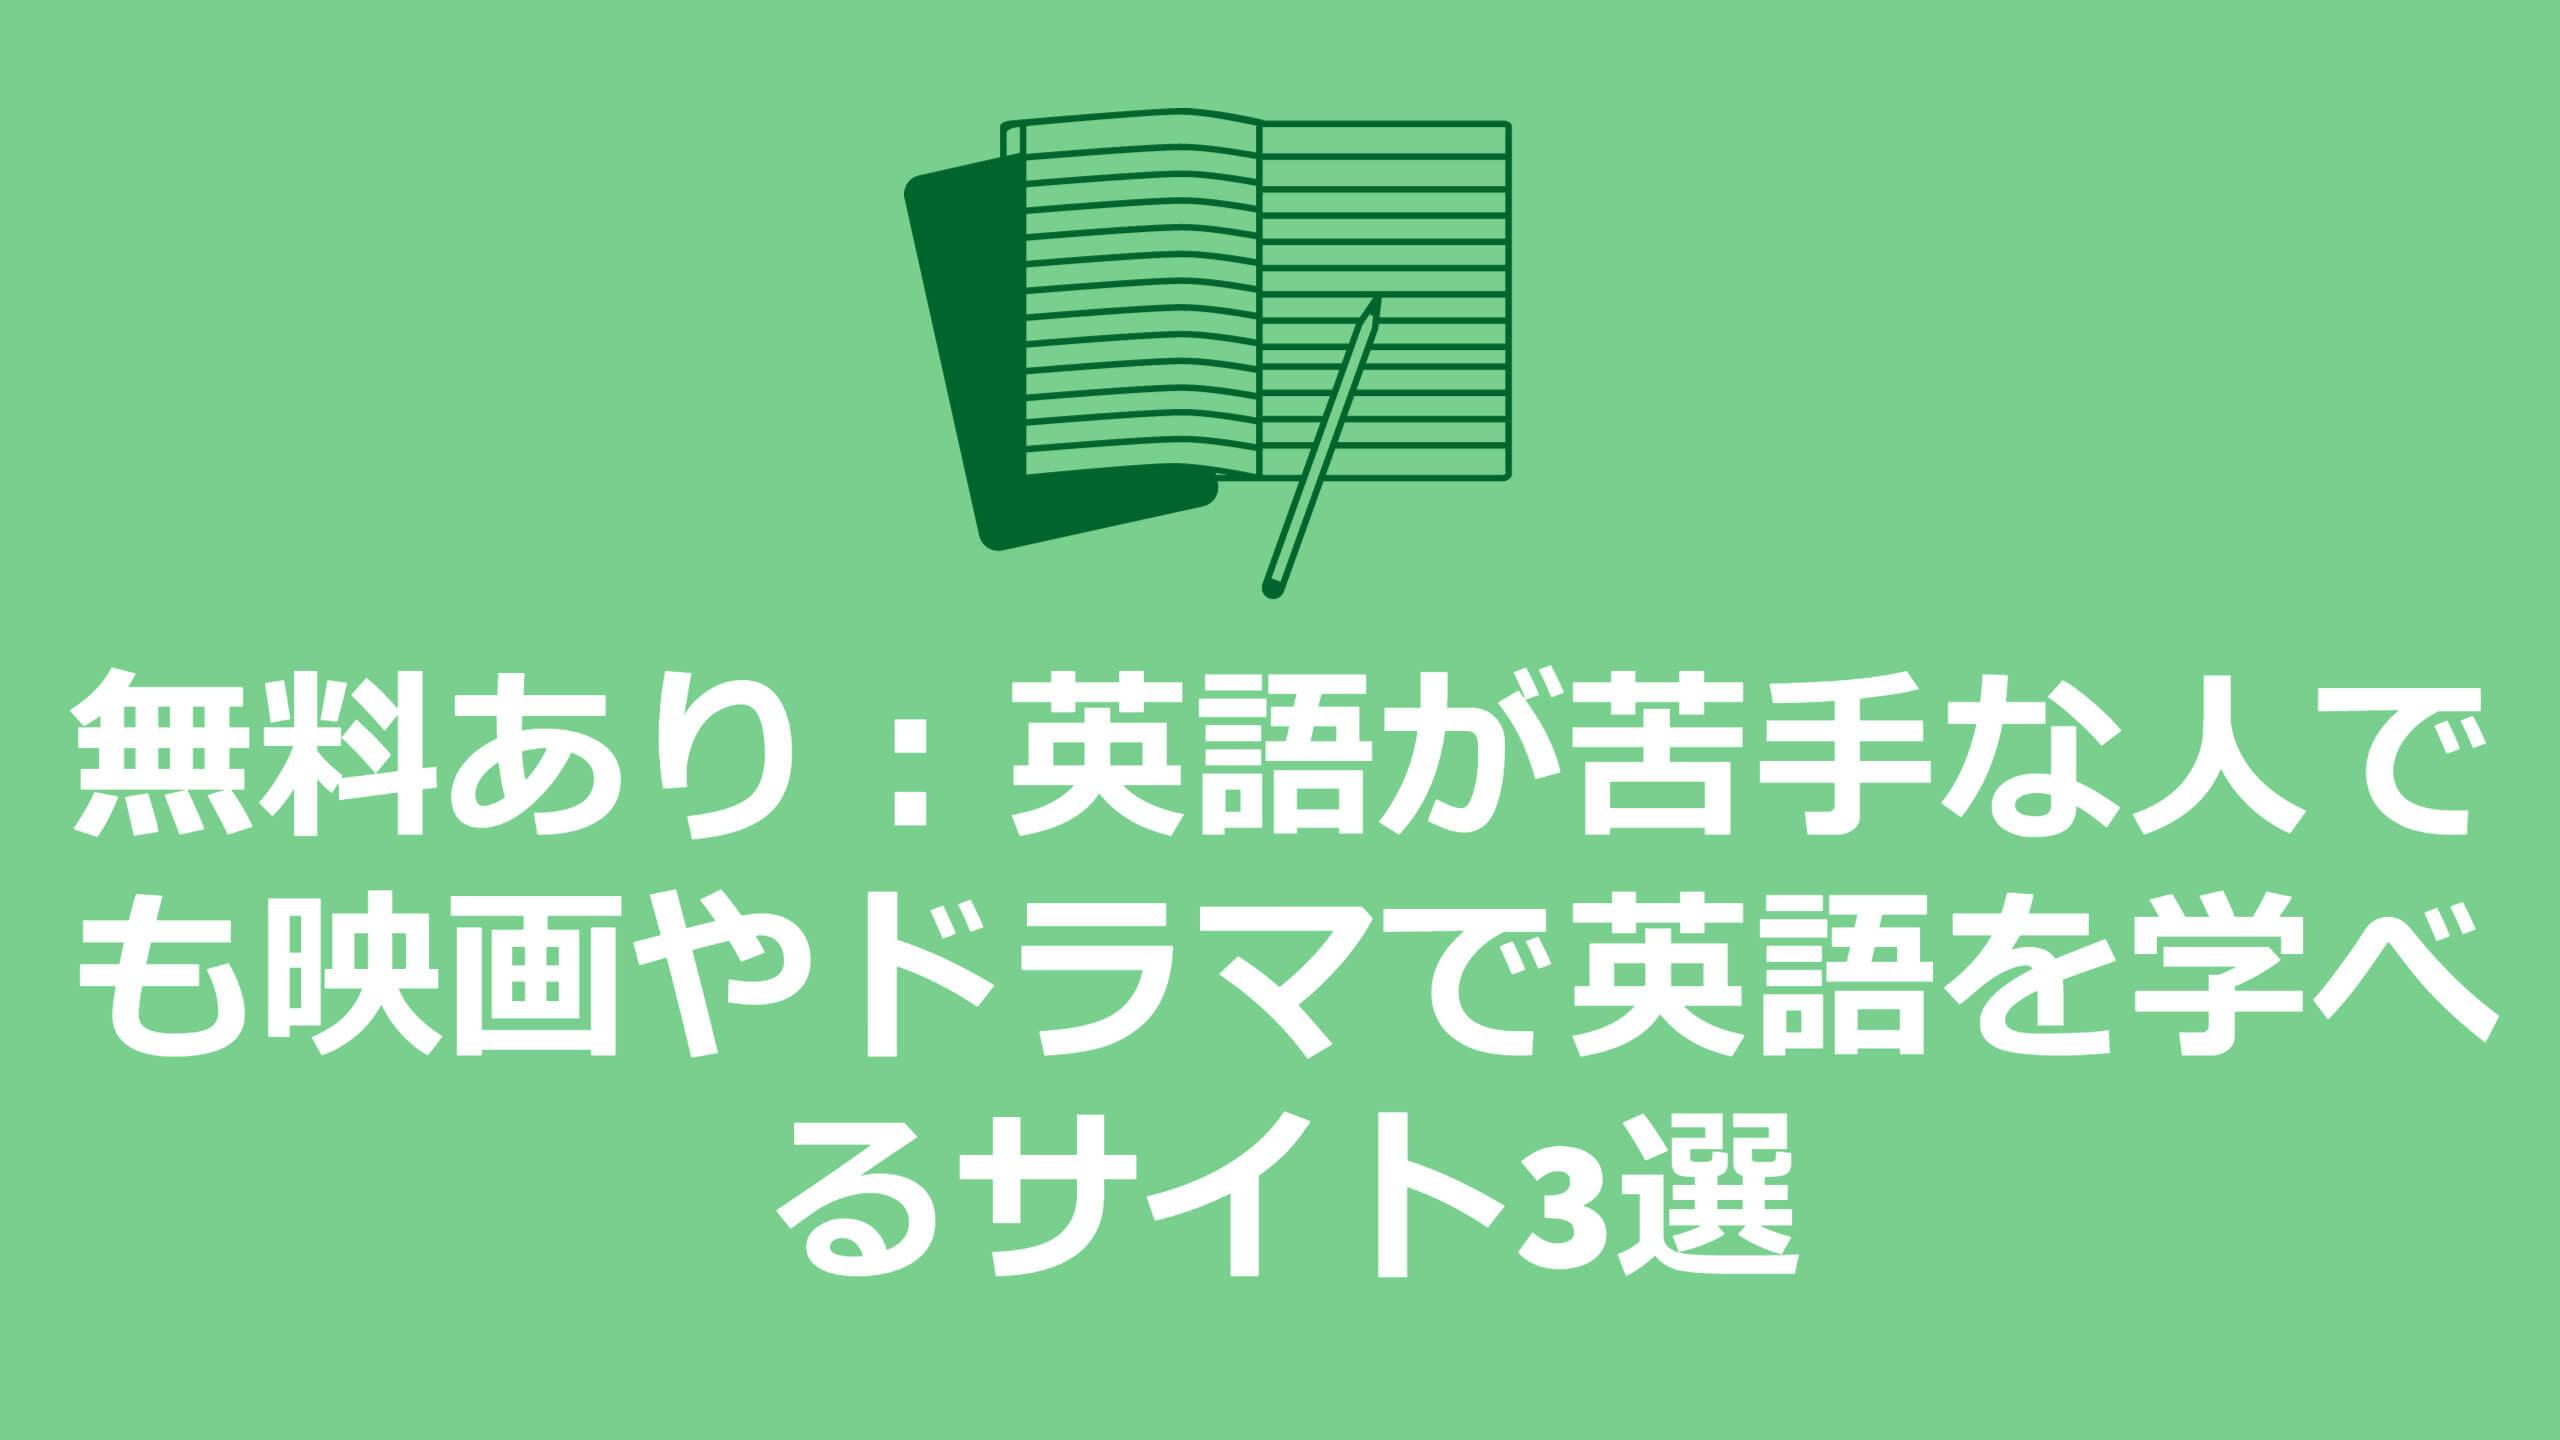 無料あり:英語が苦手な人でも映画やドラマで英語を学べるサイト3選